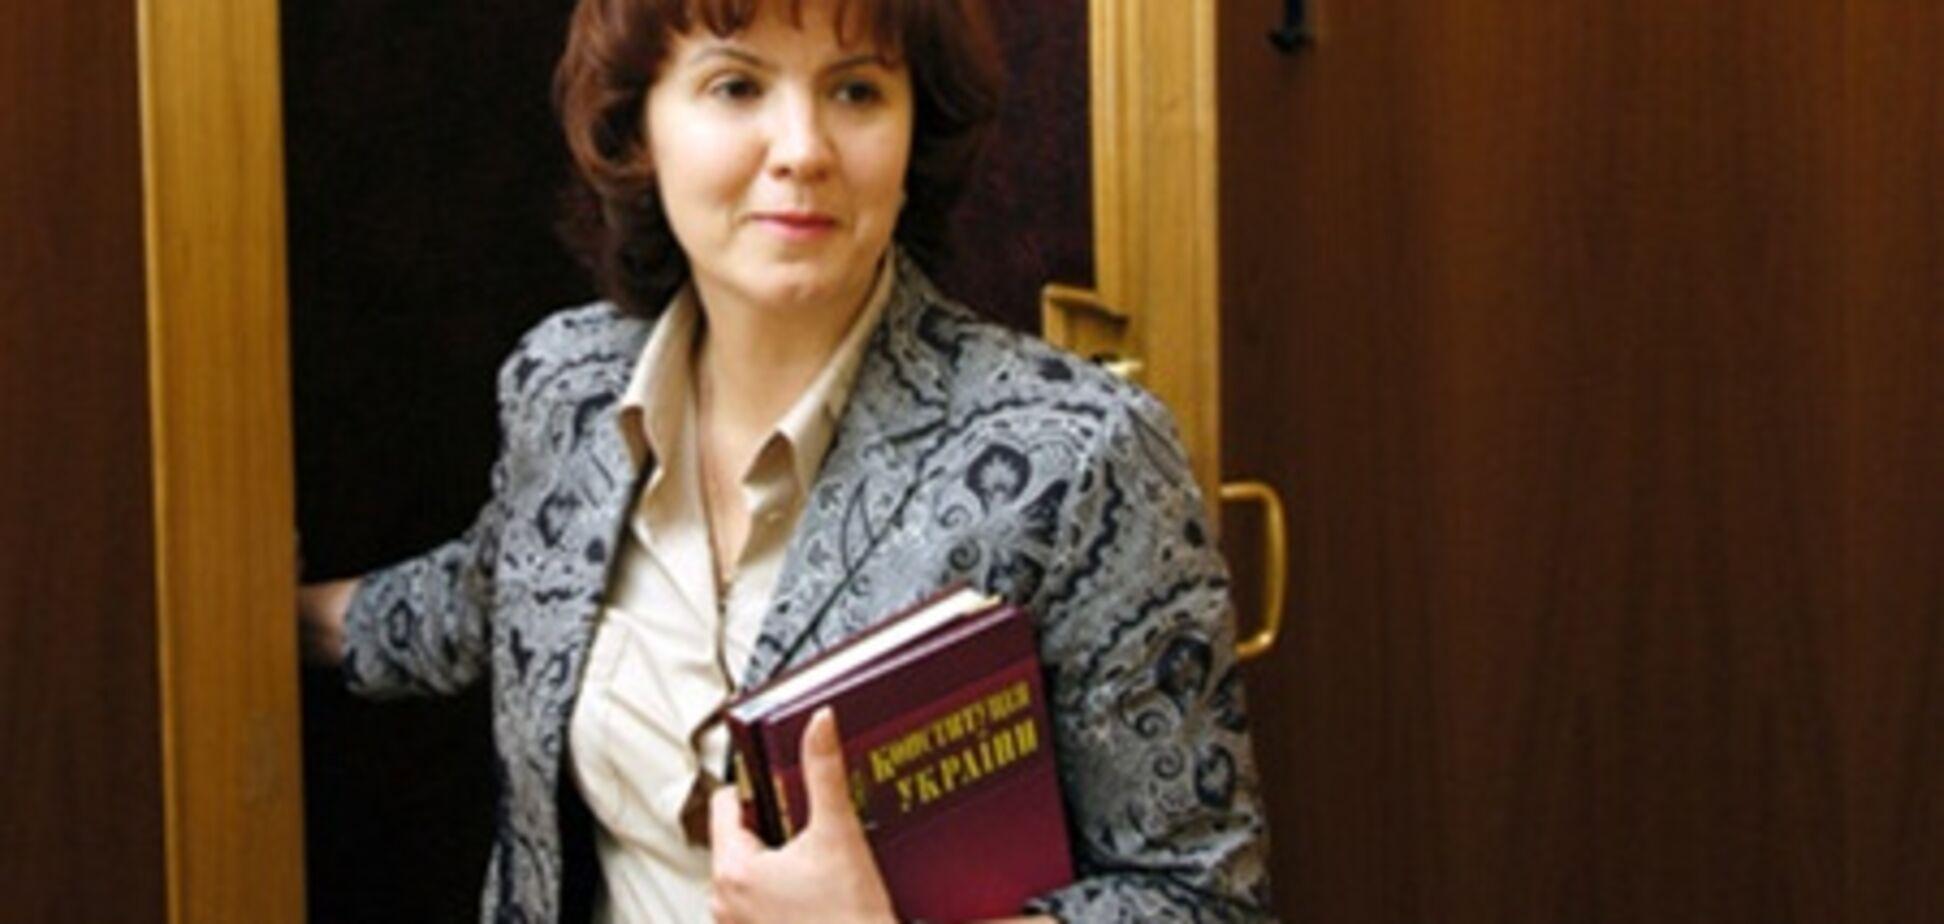 Розширення повноважень ВСУ узгодять з Венеціанською комісією - Ставнійчук